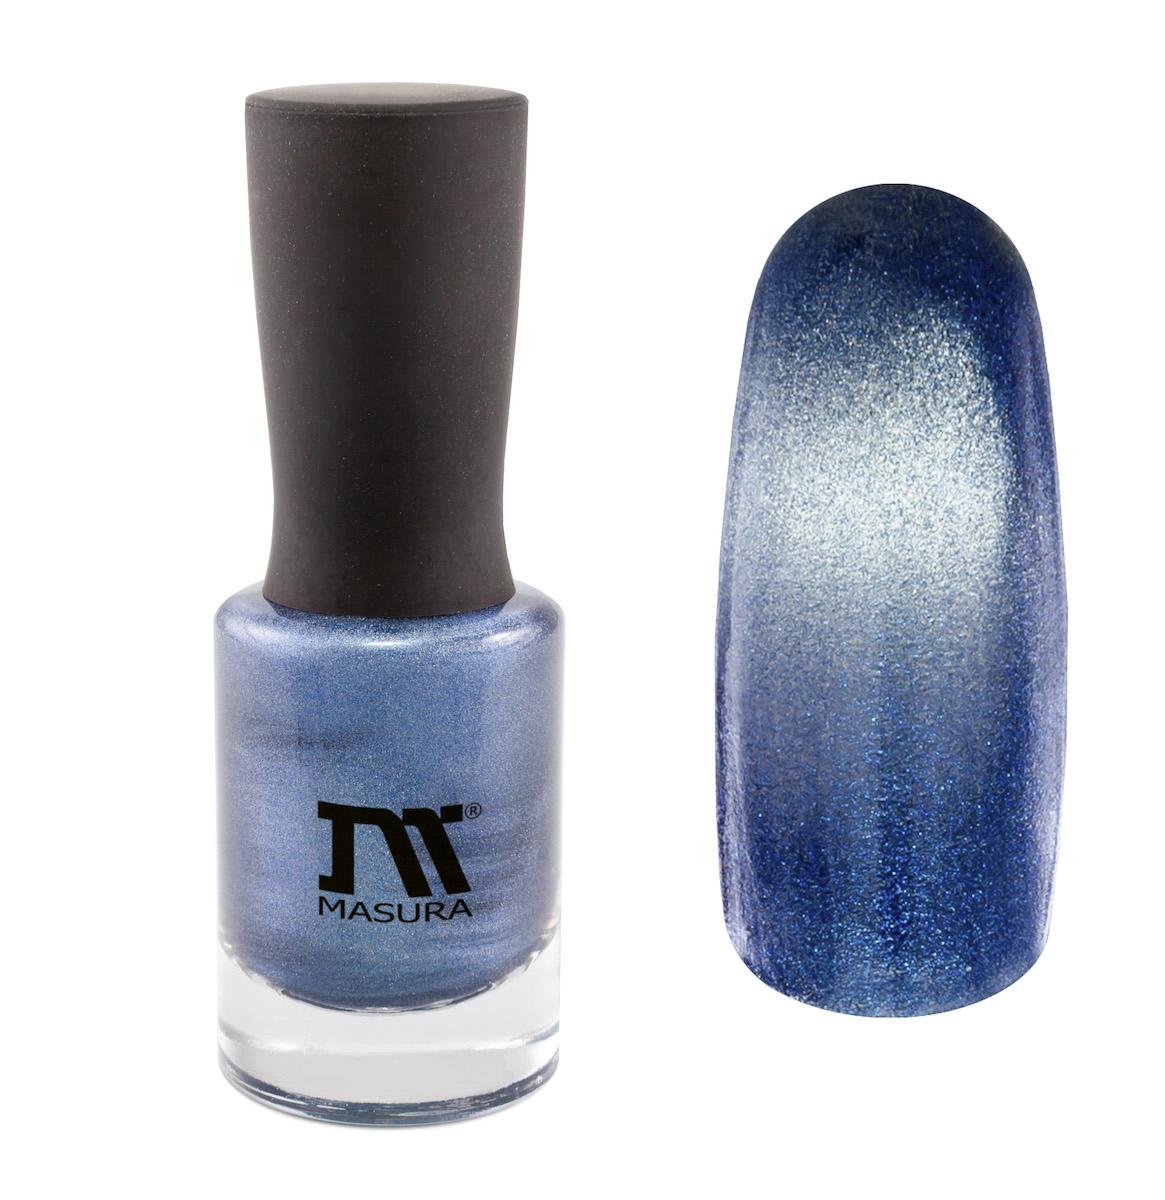 Masura Лак для ногтей Звездный Аквамарин, 11 млDB4010(DB4.510)_белоснежканасыщенный дымчато-синий, с серебристым подтоном, плотный